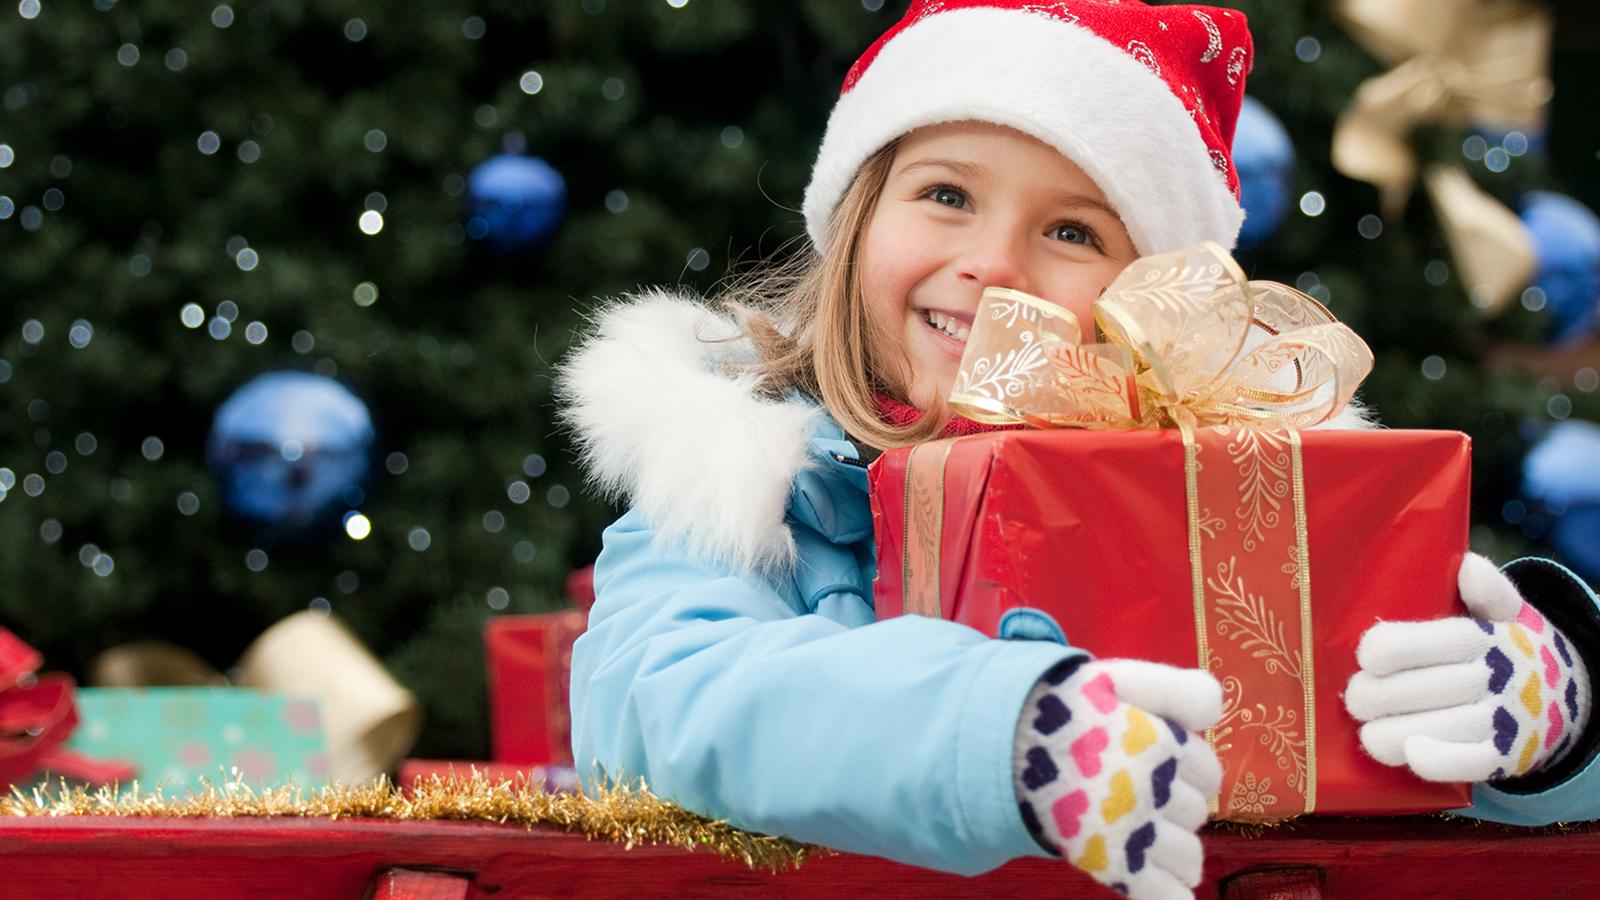 Giocattoli sicuri e senza sostanze tossiche da regalare a Natale